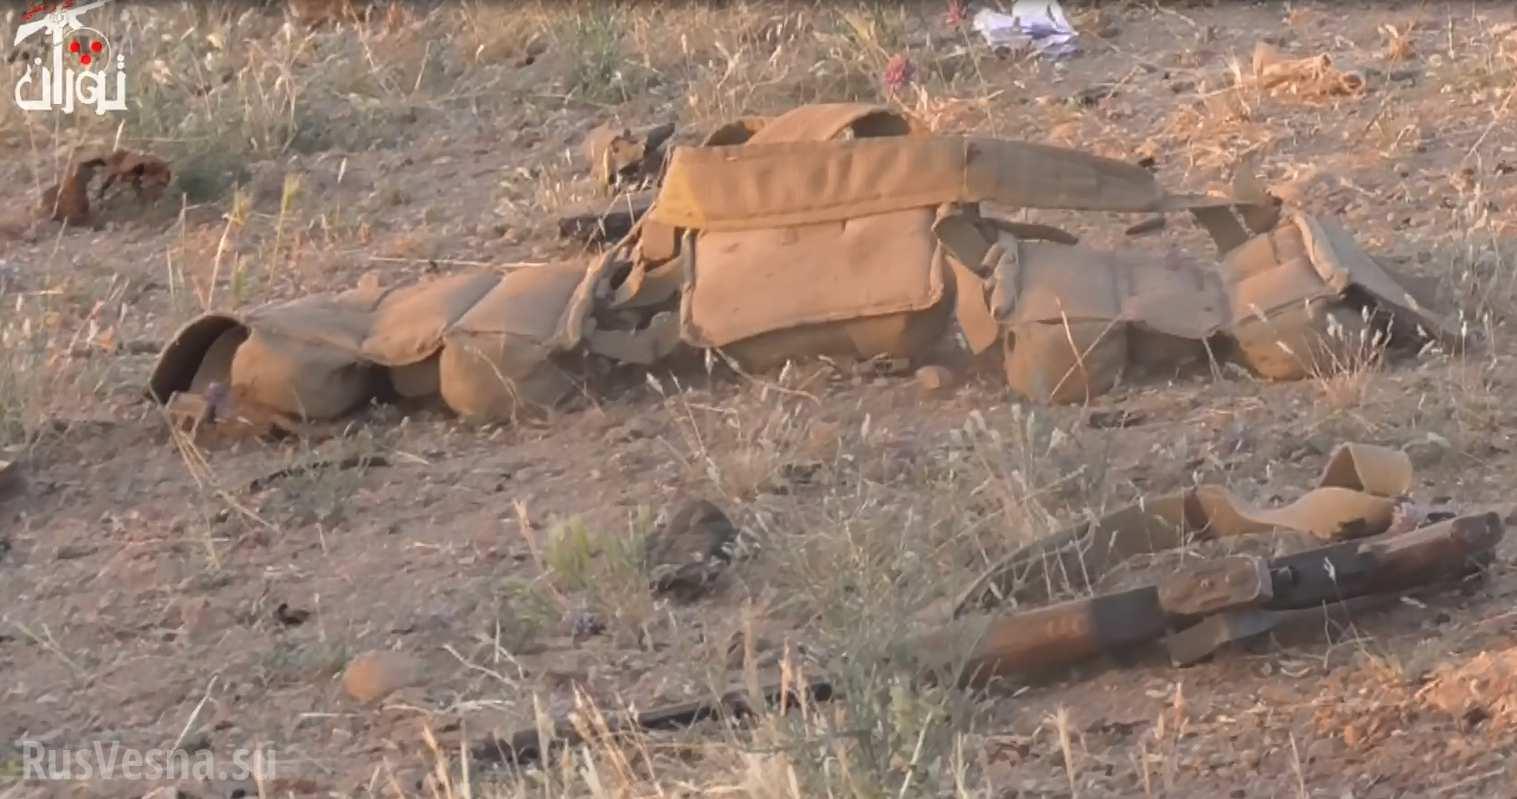 Кошмар ИГИЛ: «Спецназ из СССР» безжалостно уничтожил группу боевиков у Пальмиры (ВИДЕО, ФОТО 18+)